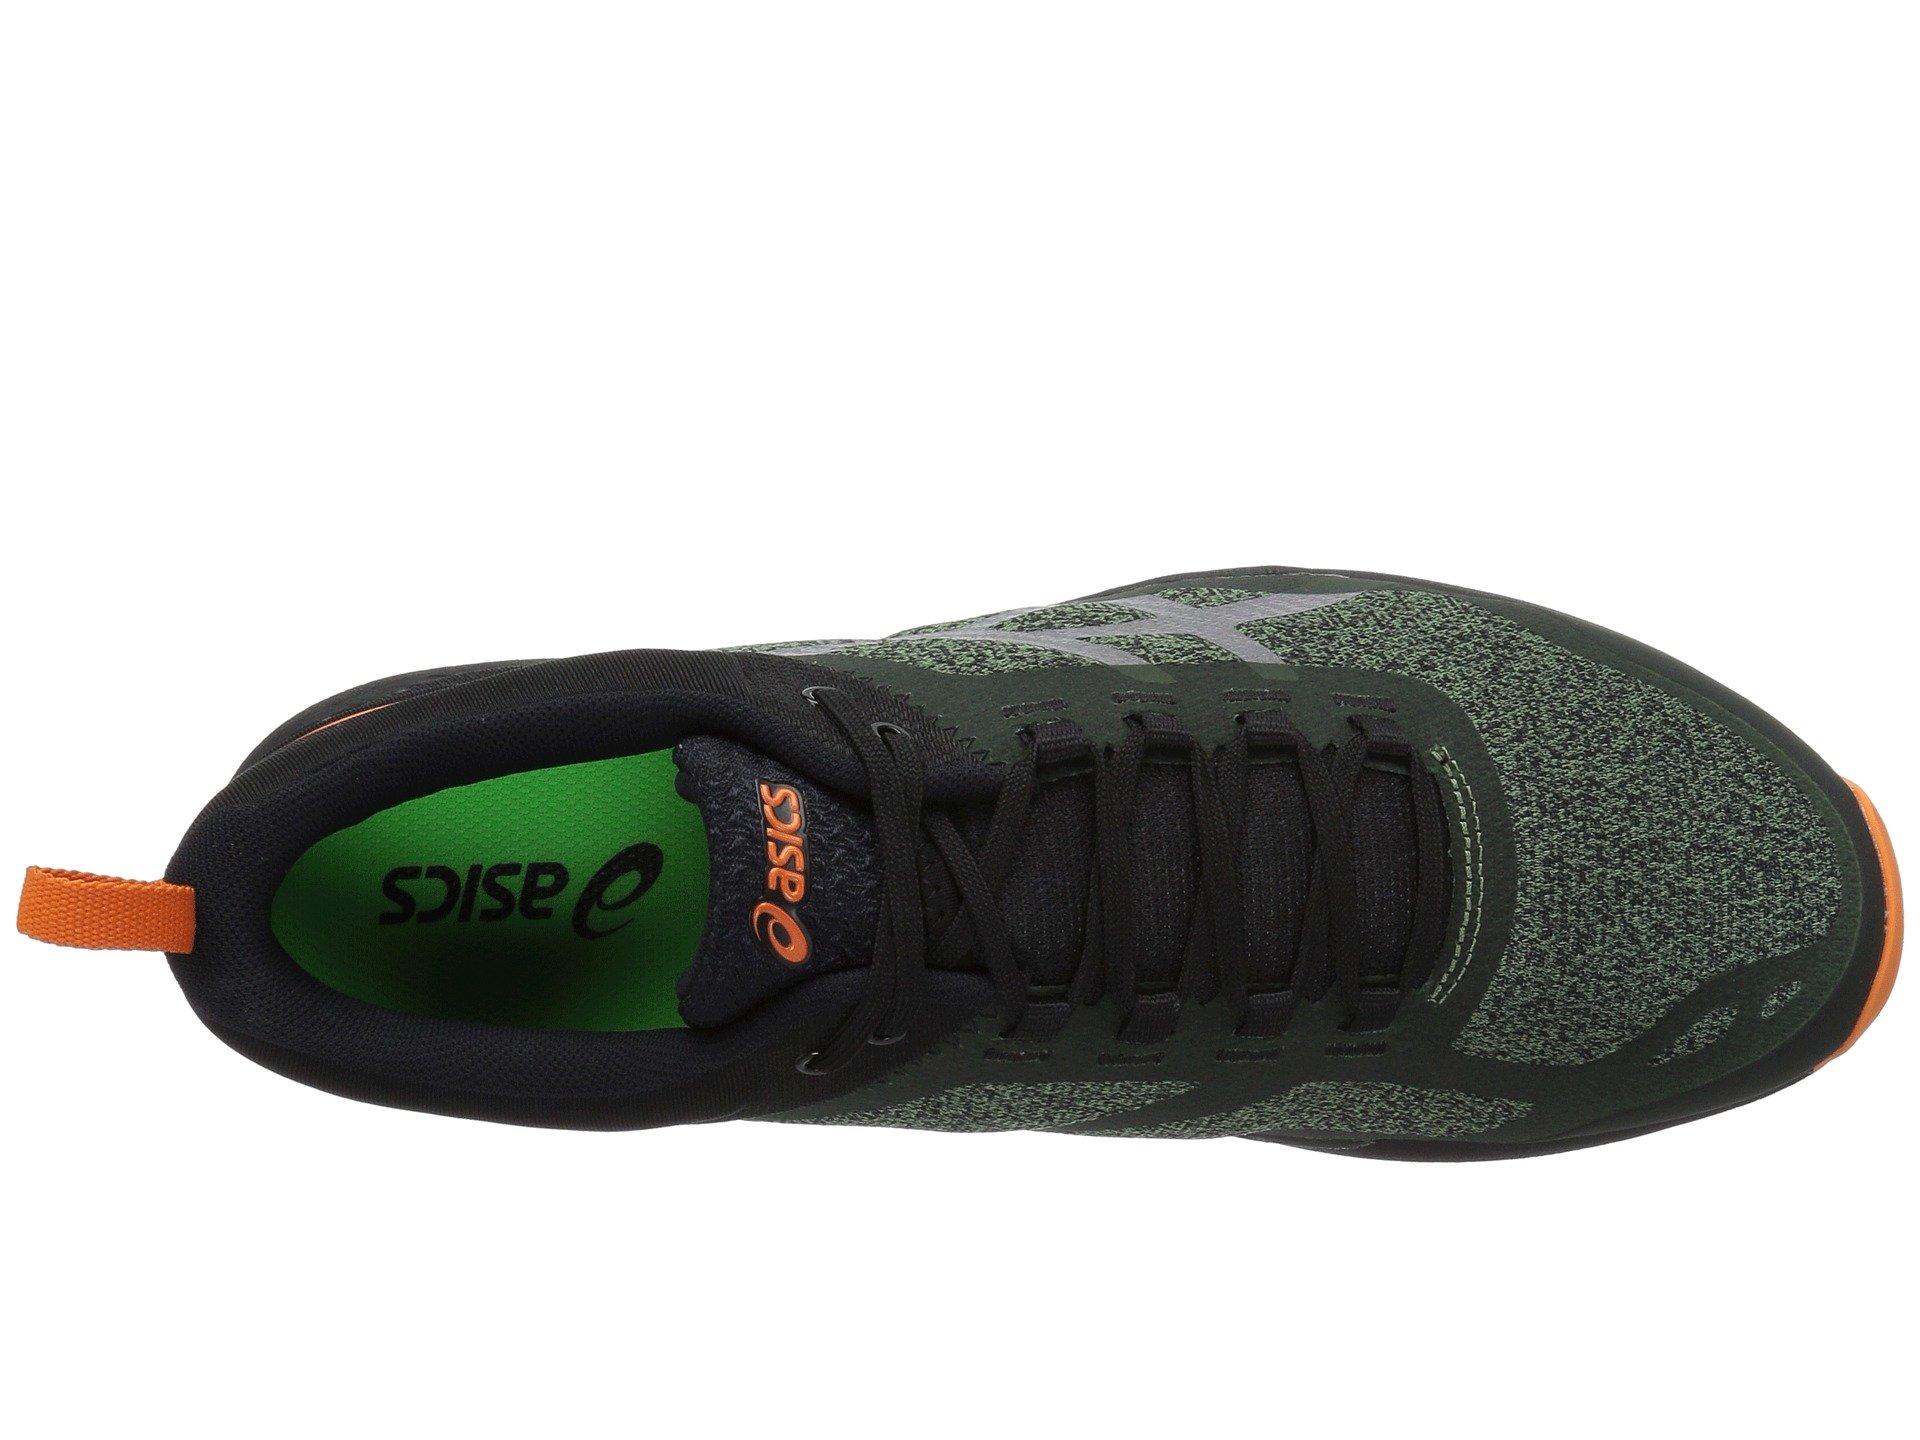 Gecko Cedar Asics Green black Xt UdqqwpCx